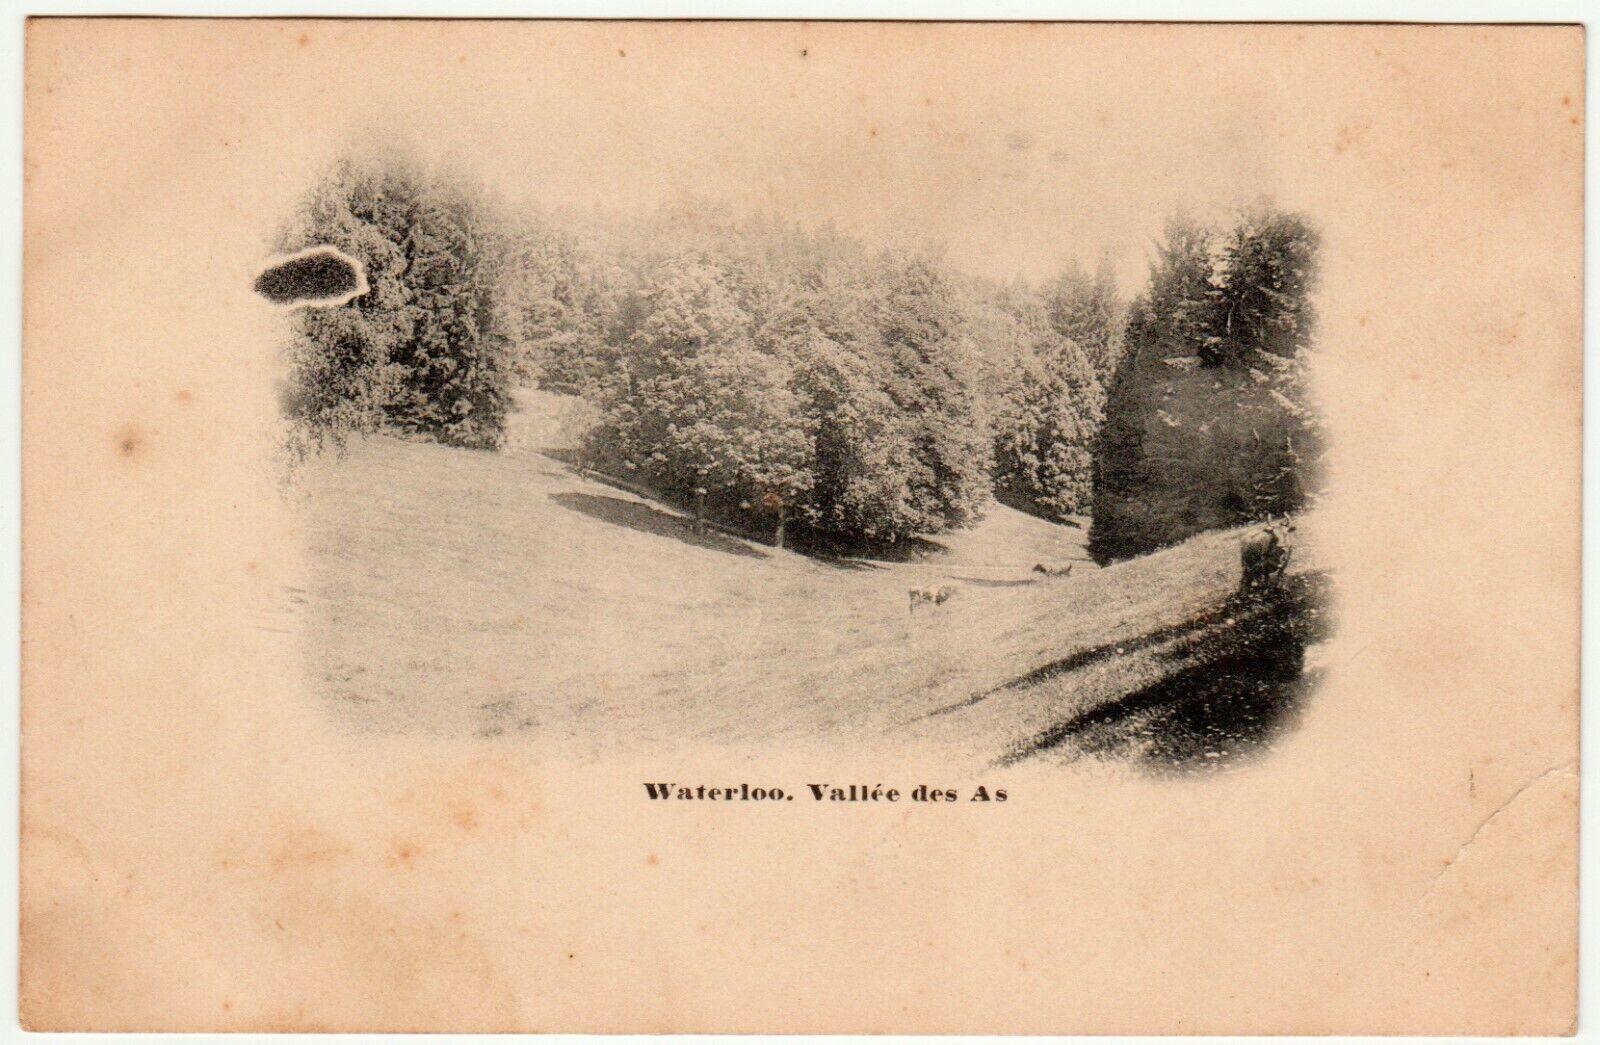 Carte Postale WATERLOO Vallée des As. Postkaart Waterloo